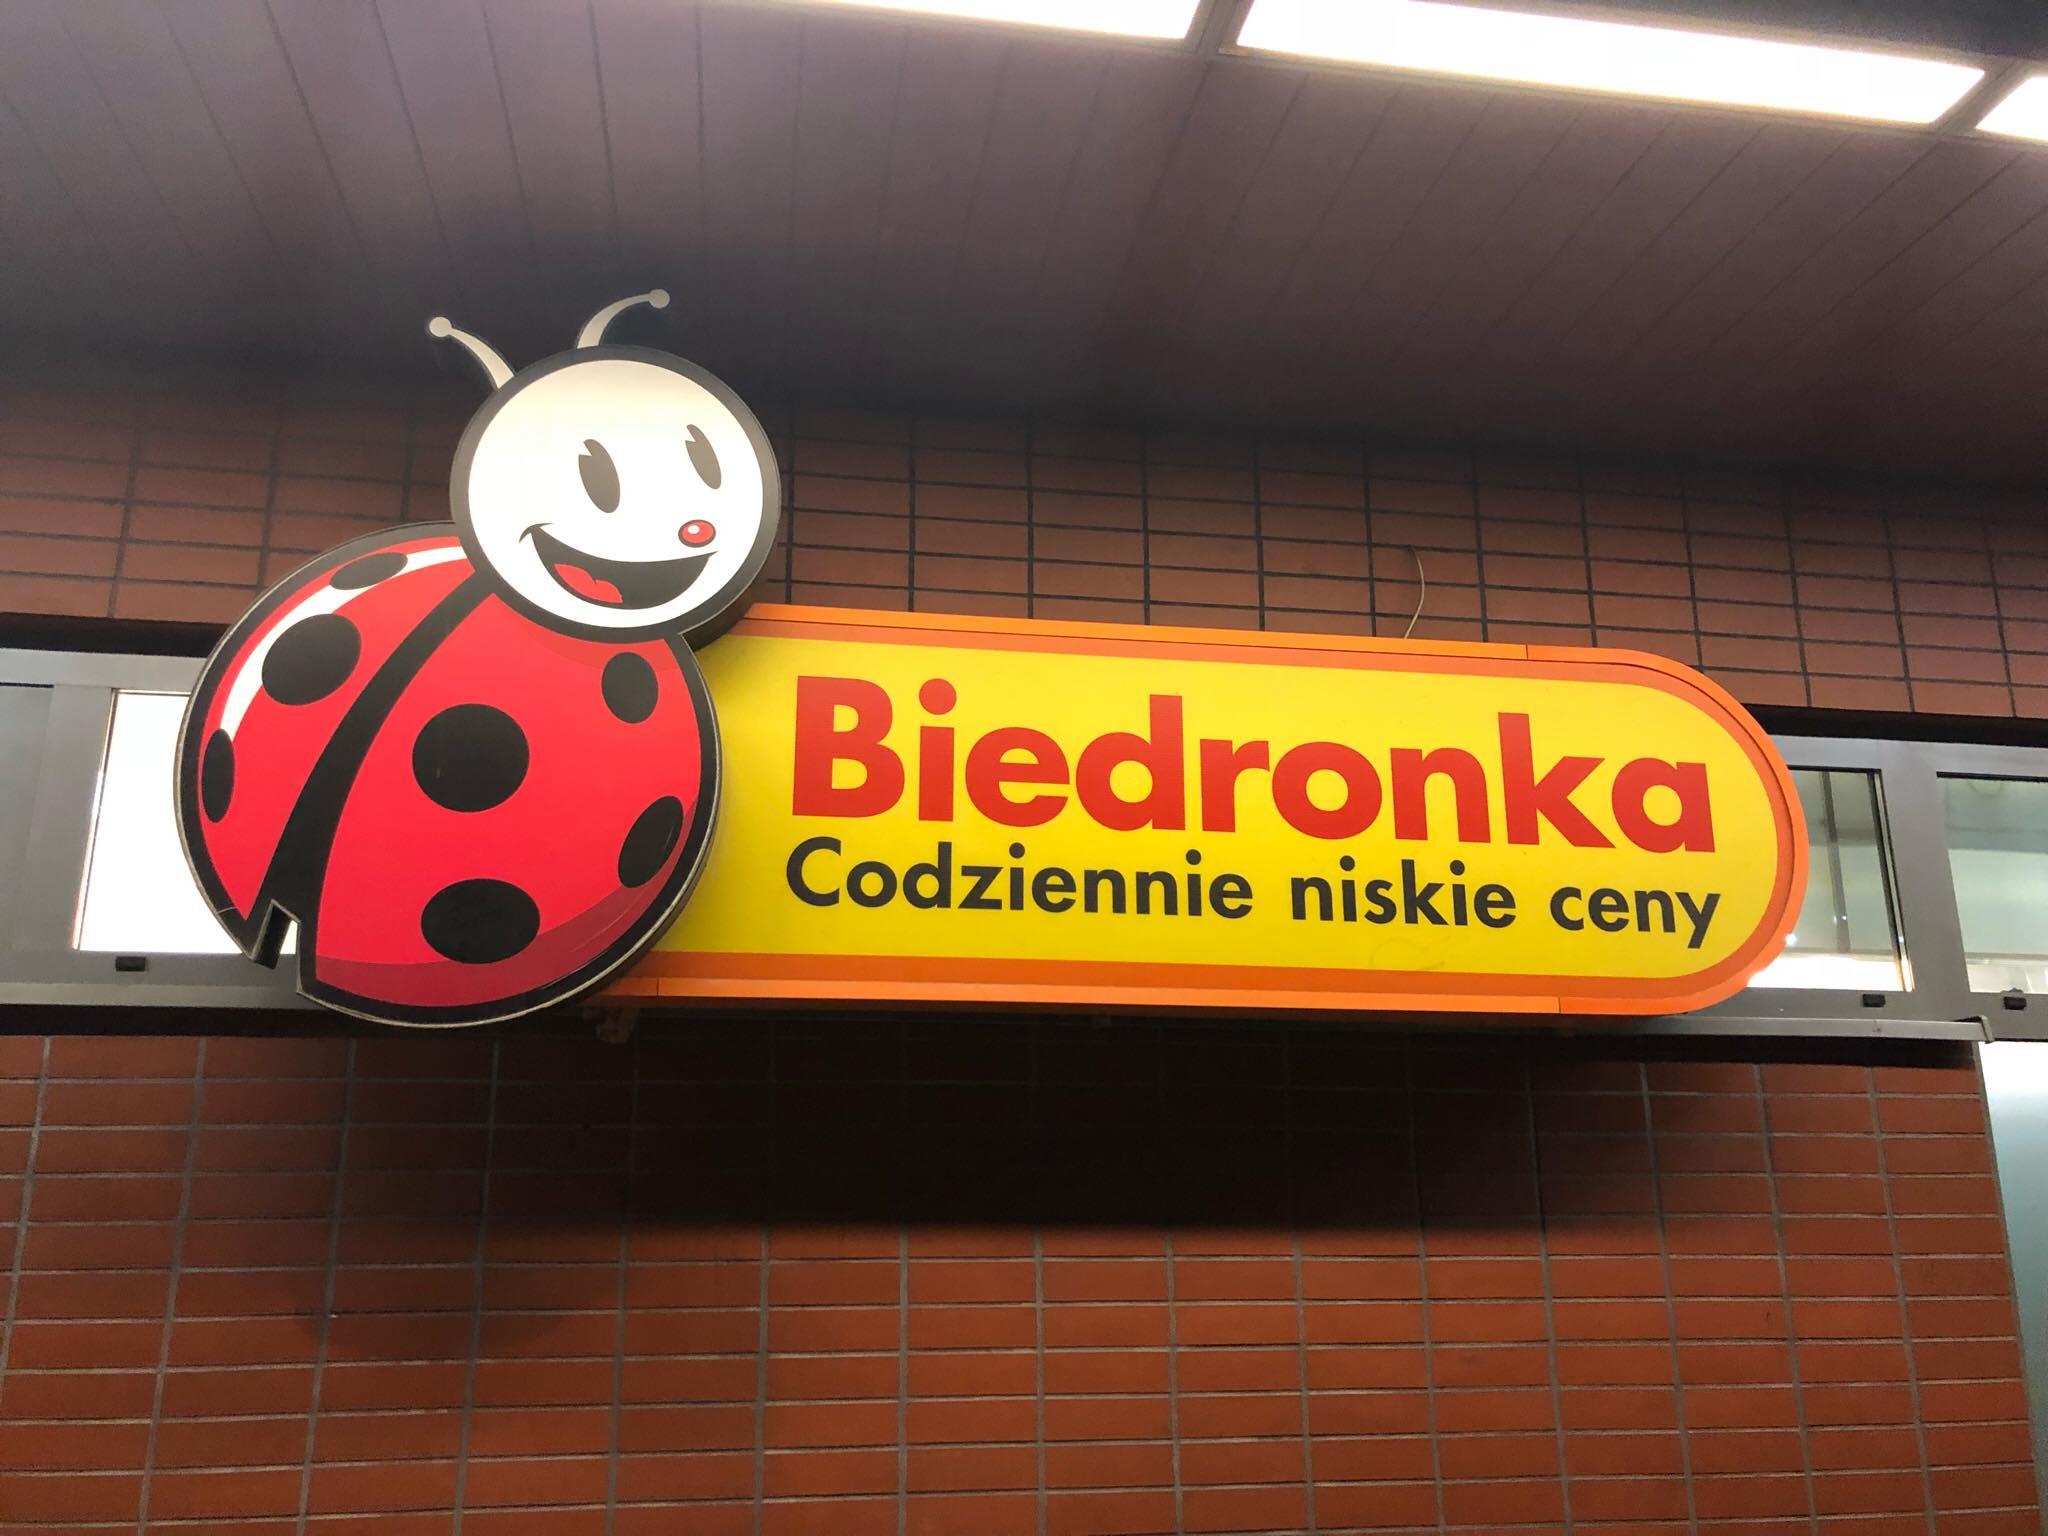 Read more about the article Biedronka otwiera kilkadziesiąt sklepów w niedzielę [LISTA SKLEPÓW]